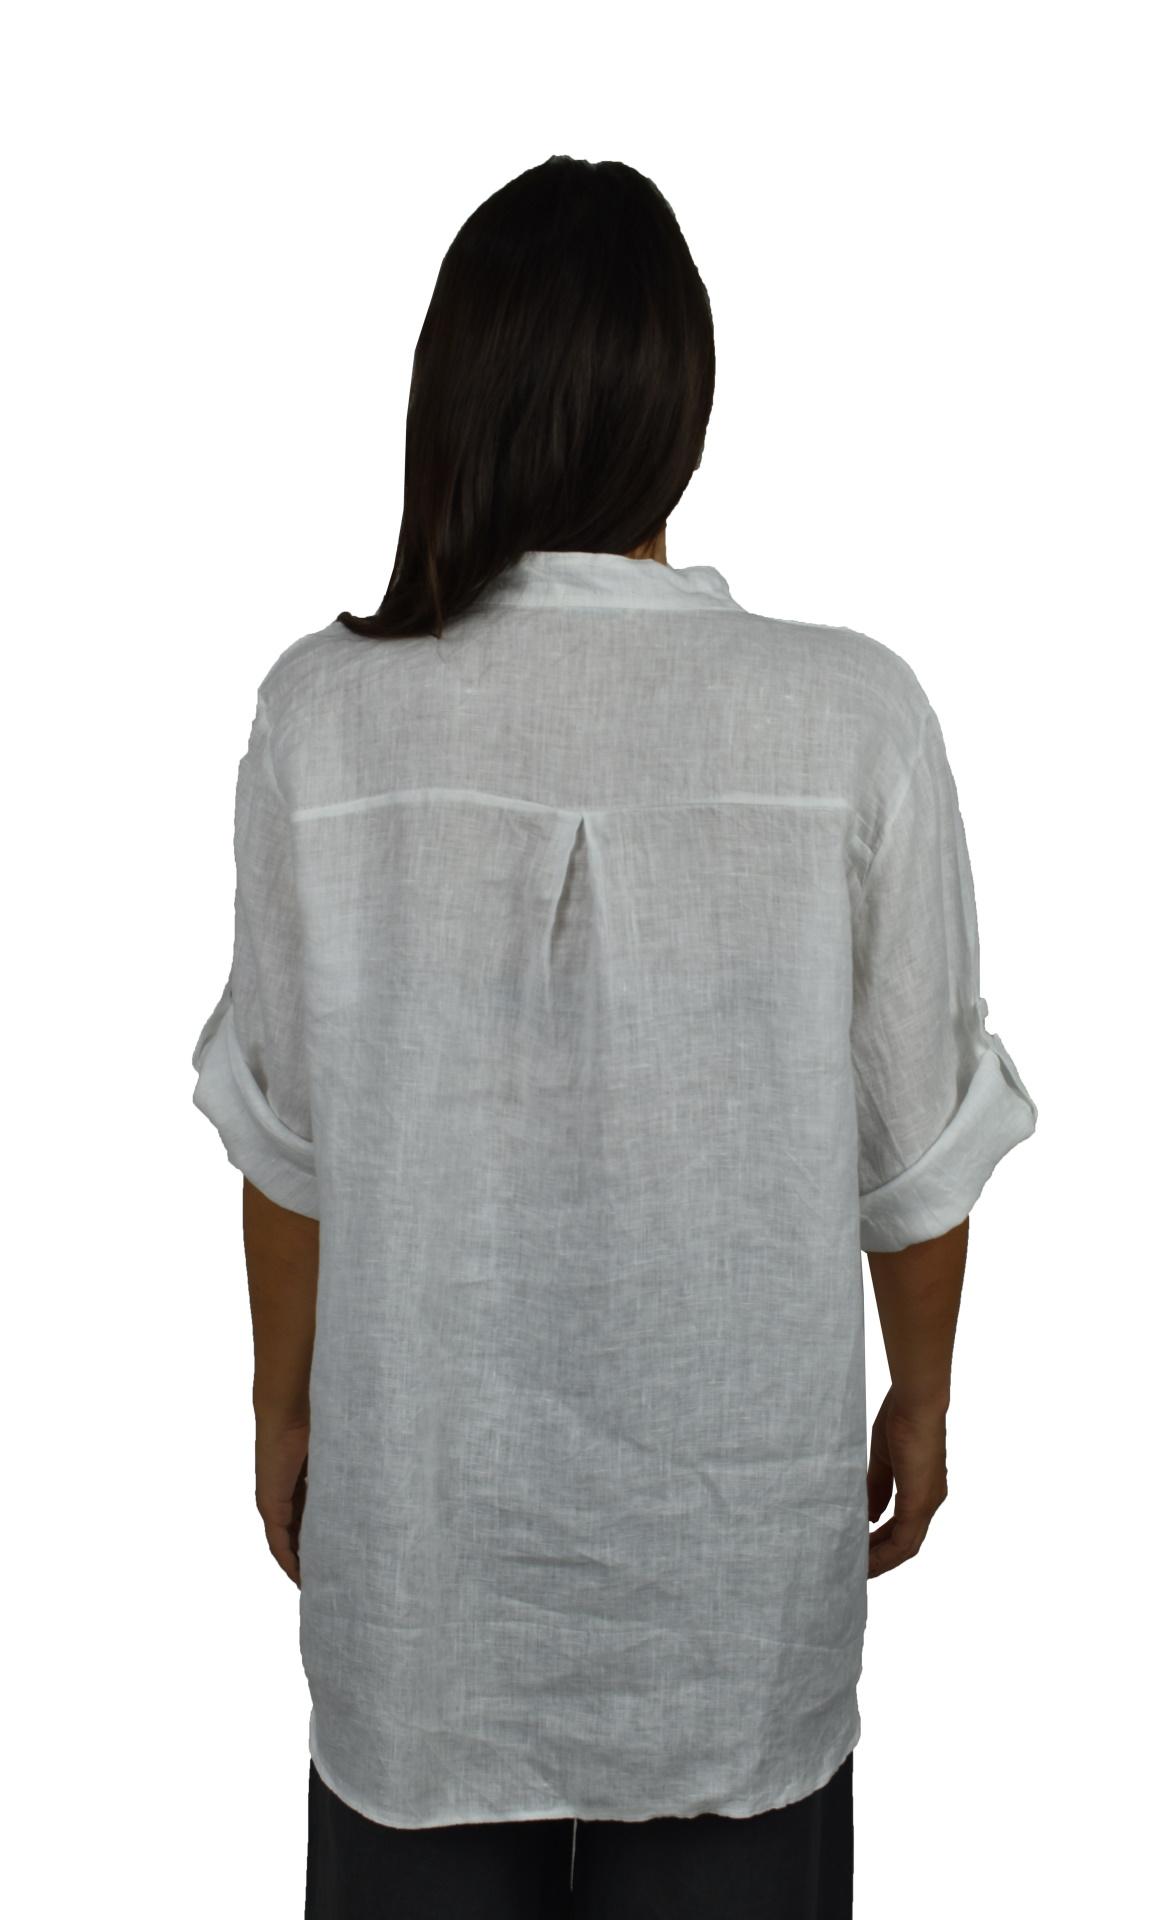 CAMMAXPE2101 BIANCO CAMICIA DA DONNA MANICA 34 100 LINO 1 1stAmerican camicia manica 3/4 da donna 100% lino Made in Italy - vestito collo a y da spiaggia donna